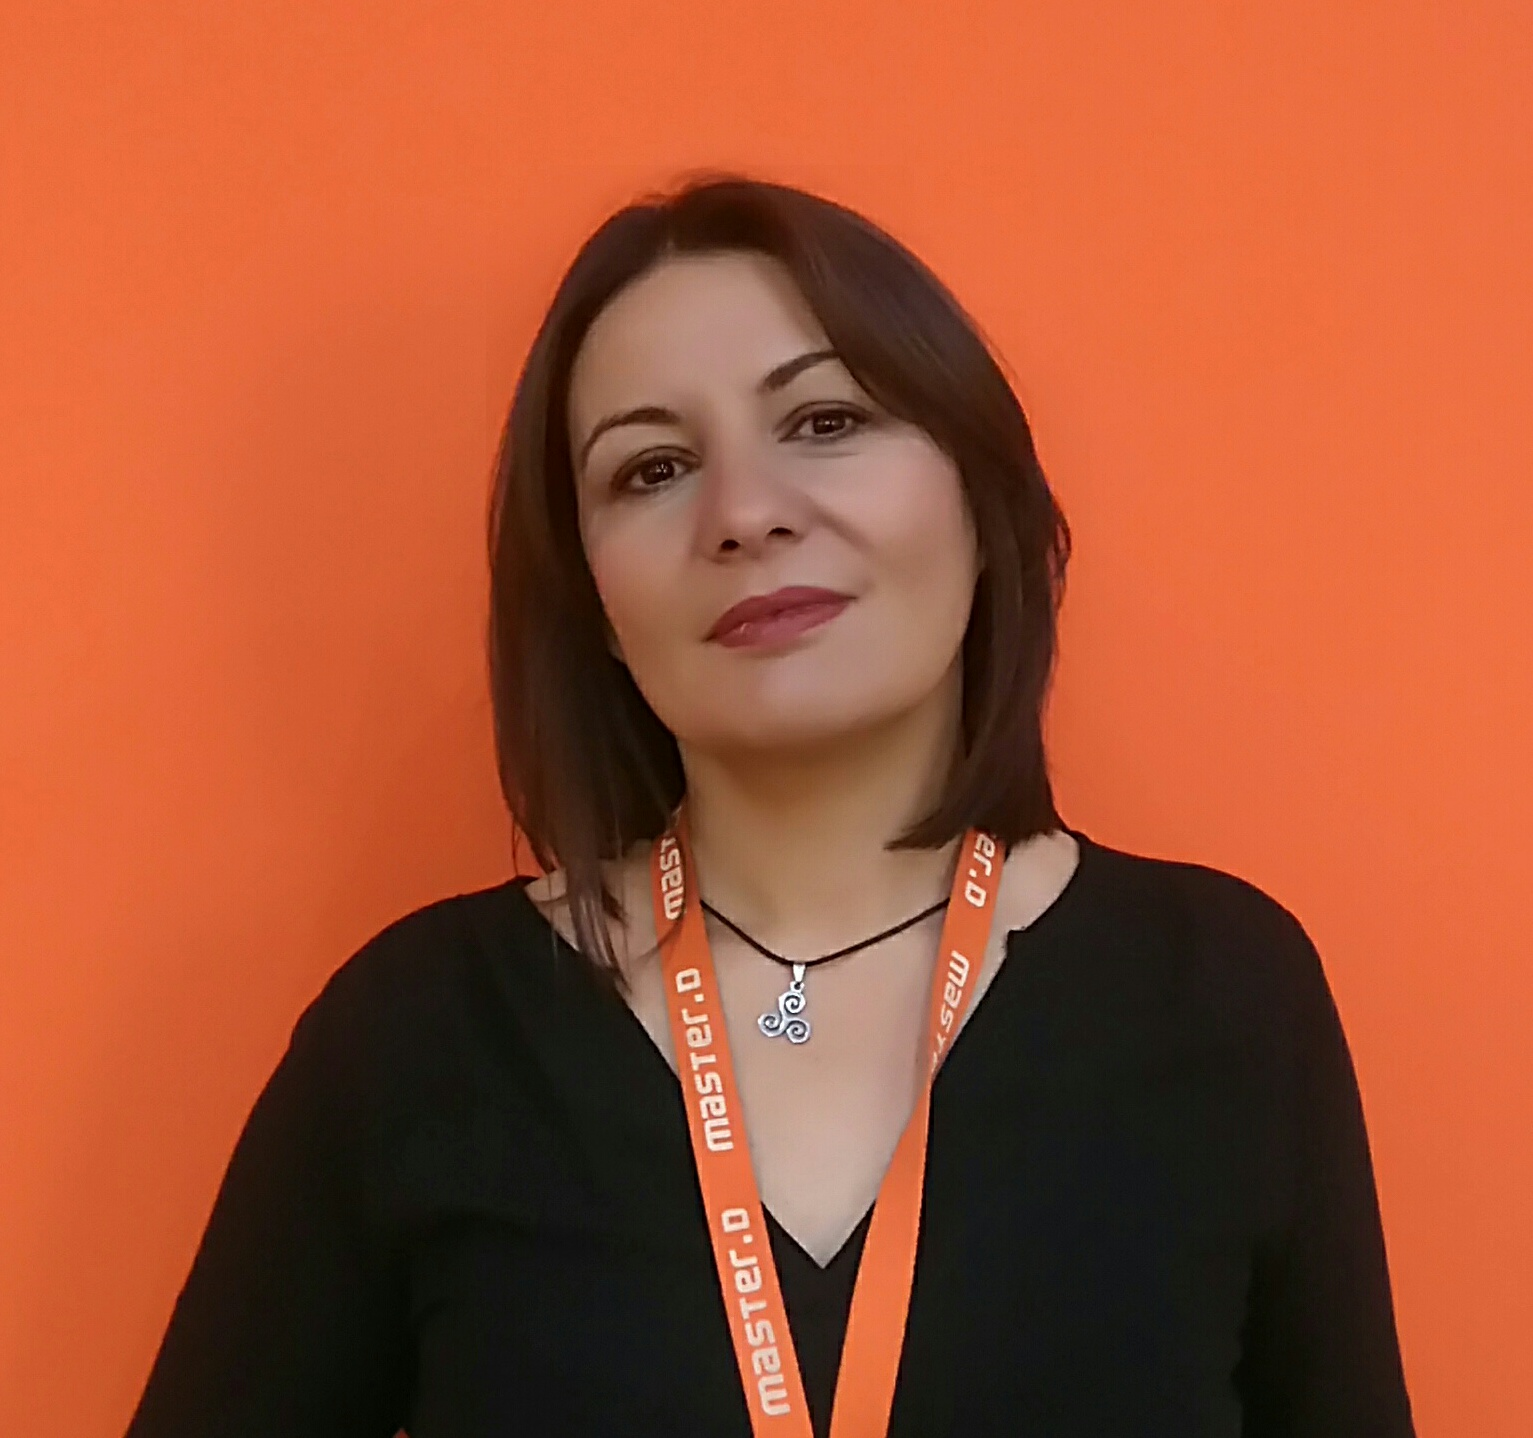 Mª Victoria Ordóñez